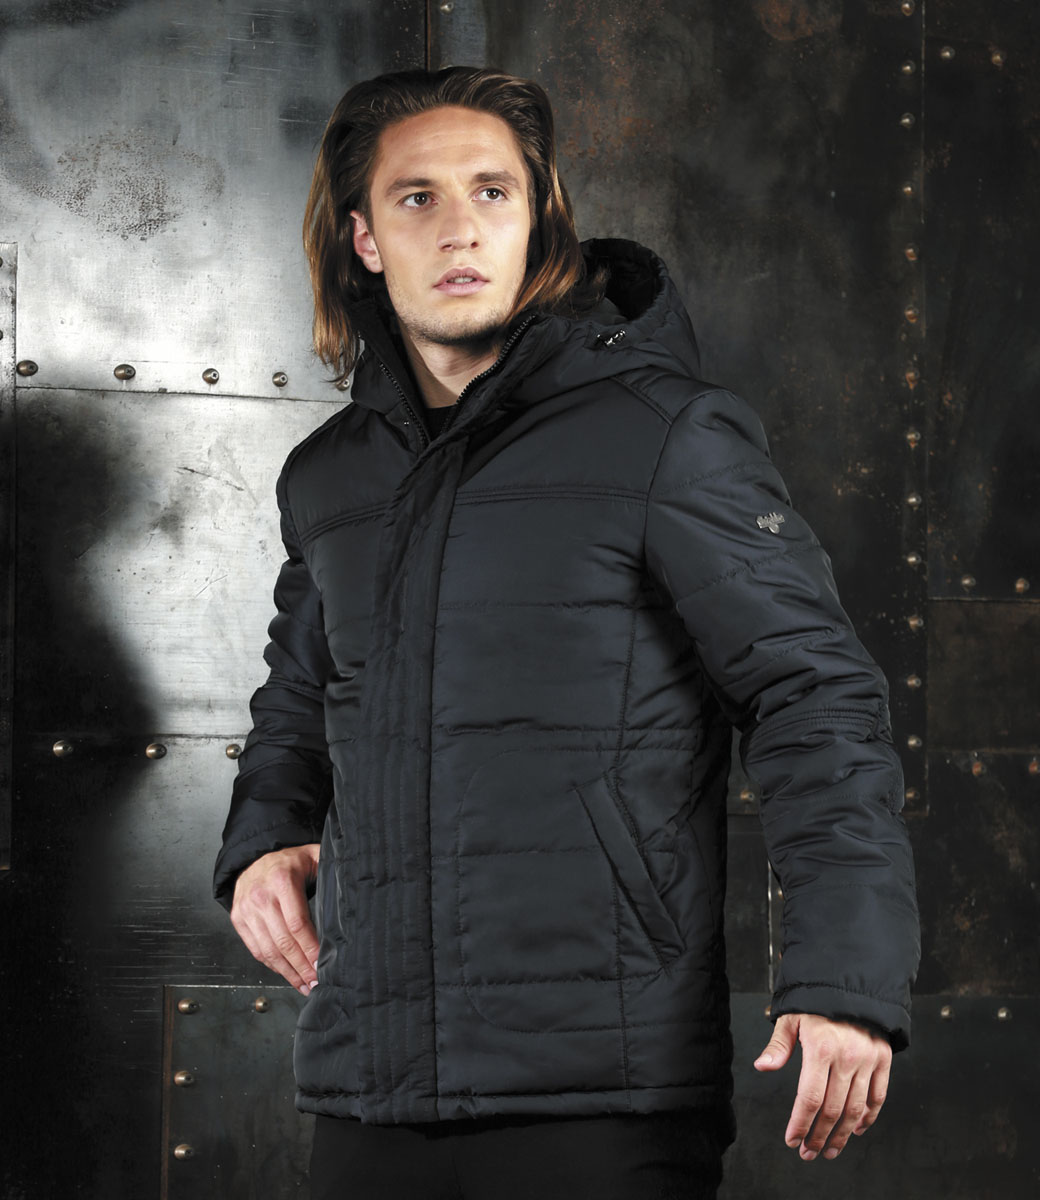 Куртка мужская Grishko, цвет: черный. AL-2977. Размер 50AL-2977Мужская куртка Grishko, выполненная из полиэстера, придаст образу безупречный стиль. Подкладка изготовлена из гладкого и приятного на ощупь материала. В качестве утеплителя используется холлофайбер, который отлично сохраняет тепло.Куртка прямого кроя с ассиметричной линией низа и несъемным капюшоном застегивается на застежку-молнию и ветрозащитную планку на кнопках. С внутренней стороны также расположена ветрозащитная планка. Край капюшона дополнен шнурком-кулиской. Рукава дополнены внутренними трикотажными манжетами. Спереди расположено два прорезных кармана на кнопках, с внутренней стороны - накладной карман с клапаном на кнопке и втачной карман на кнопке. Изделие оформлено фирменным логотипом.Такая практичная и теплая куртка послужит отличным дополнением к вашему гардеробу!